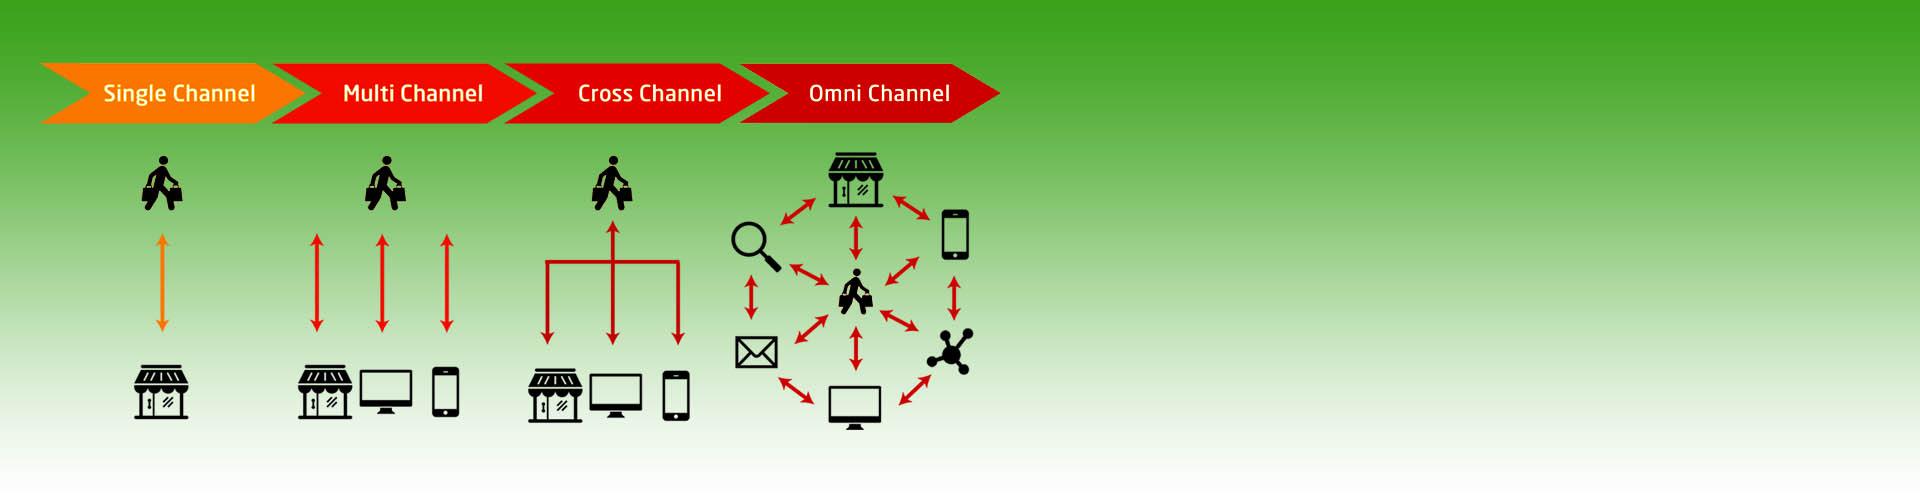 omnichannel management system, Omnichannel Management System